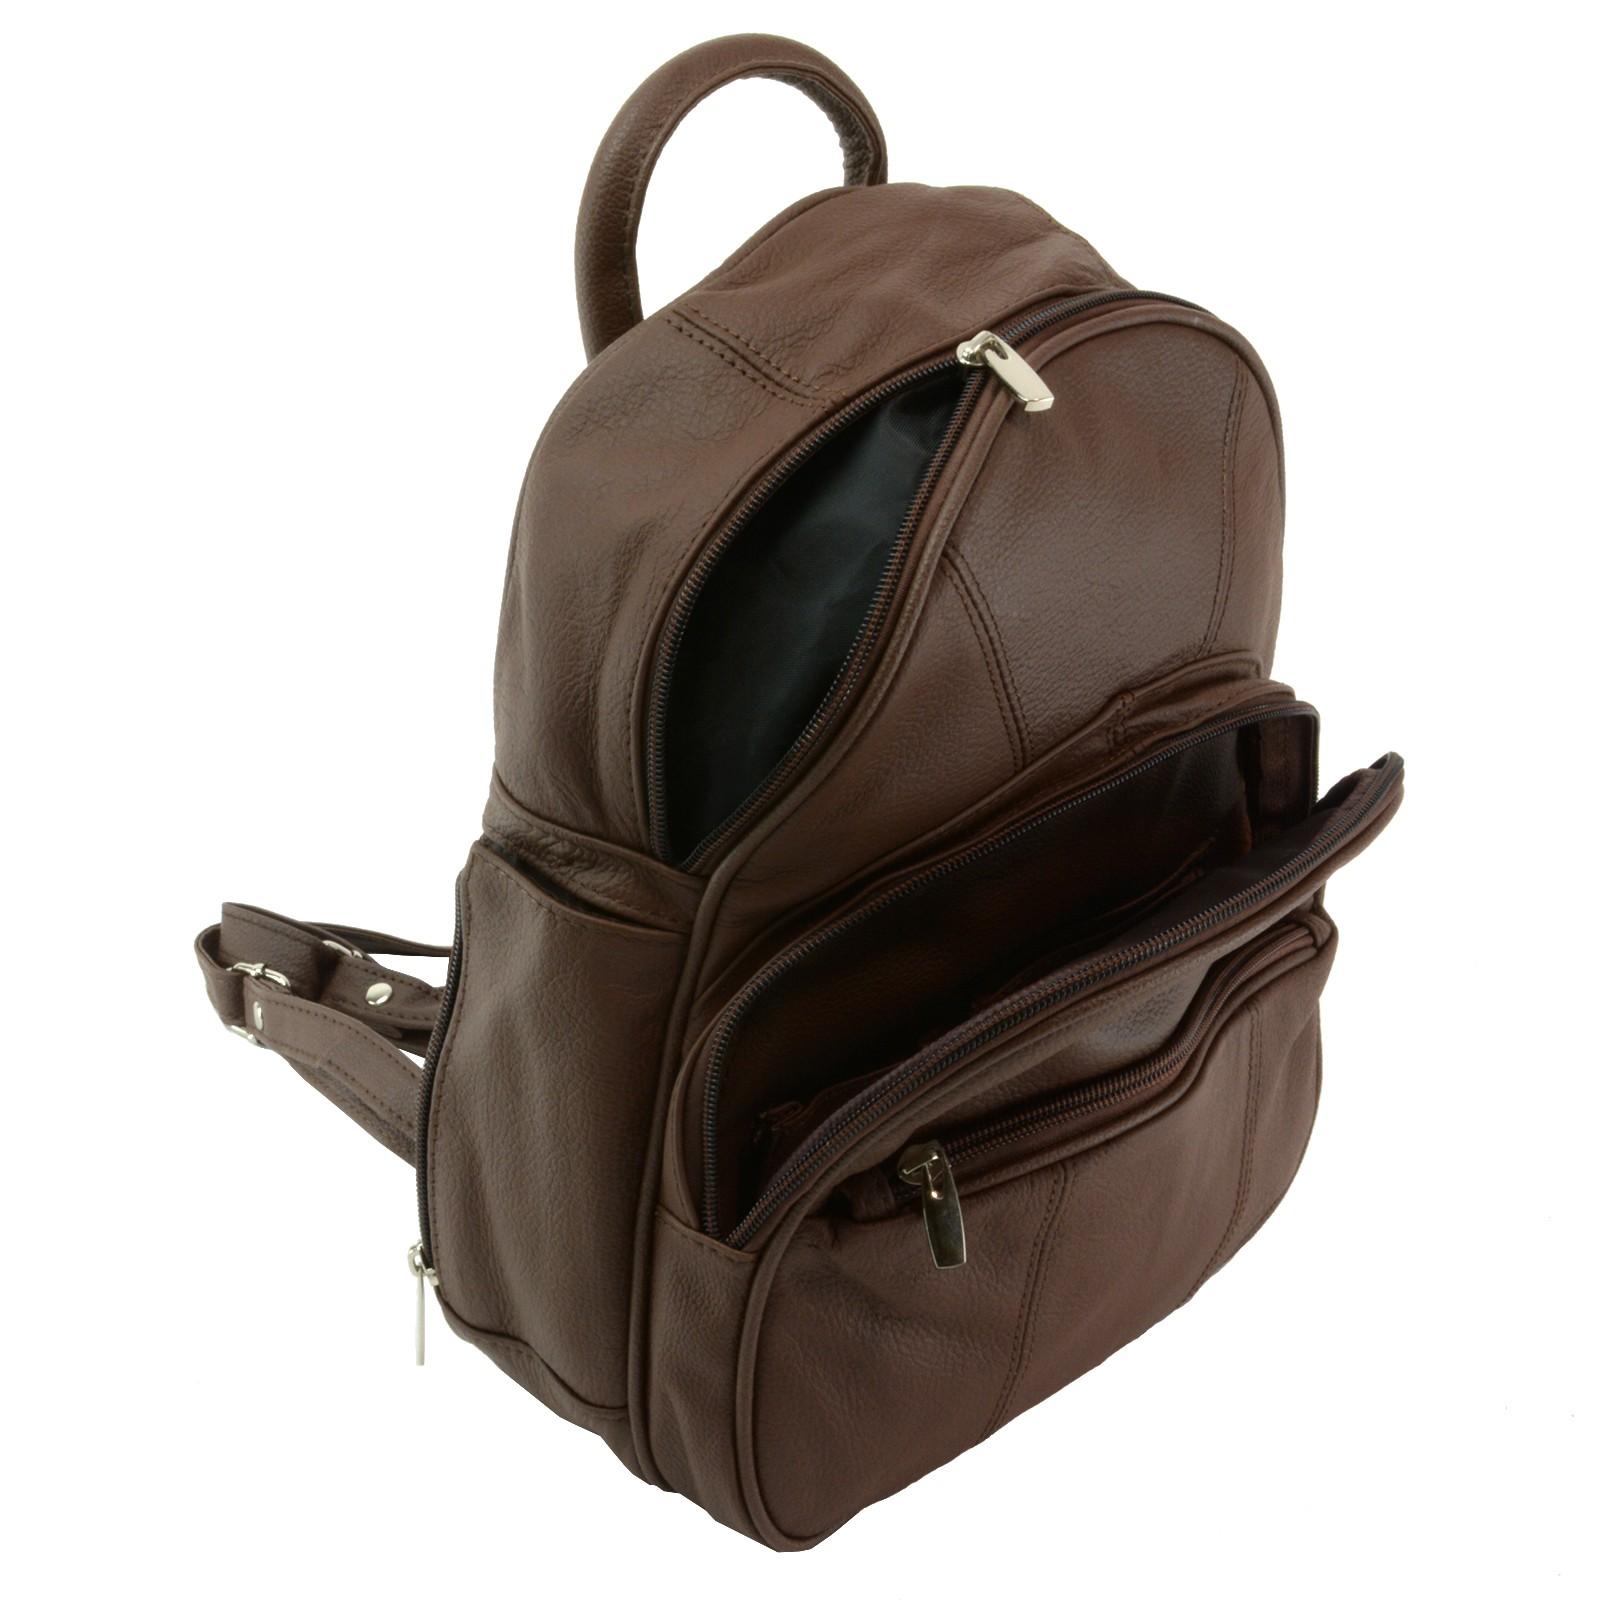 2e473dc4a9 New Leather Backpack Purse Sling Bag Back Pack Shoulder Handbag .